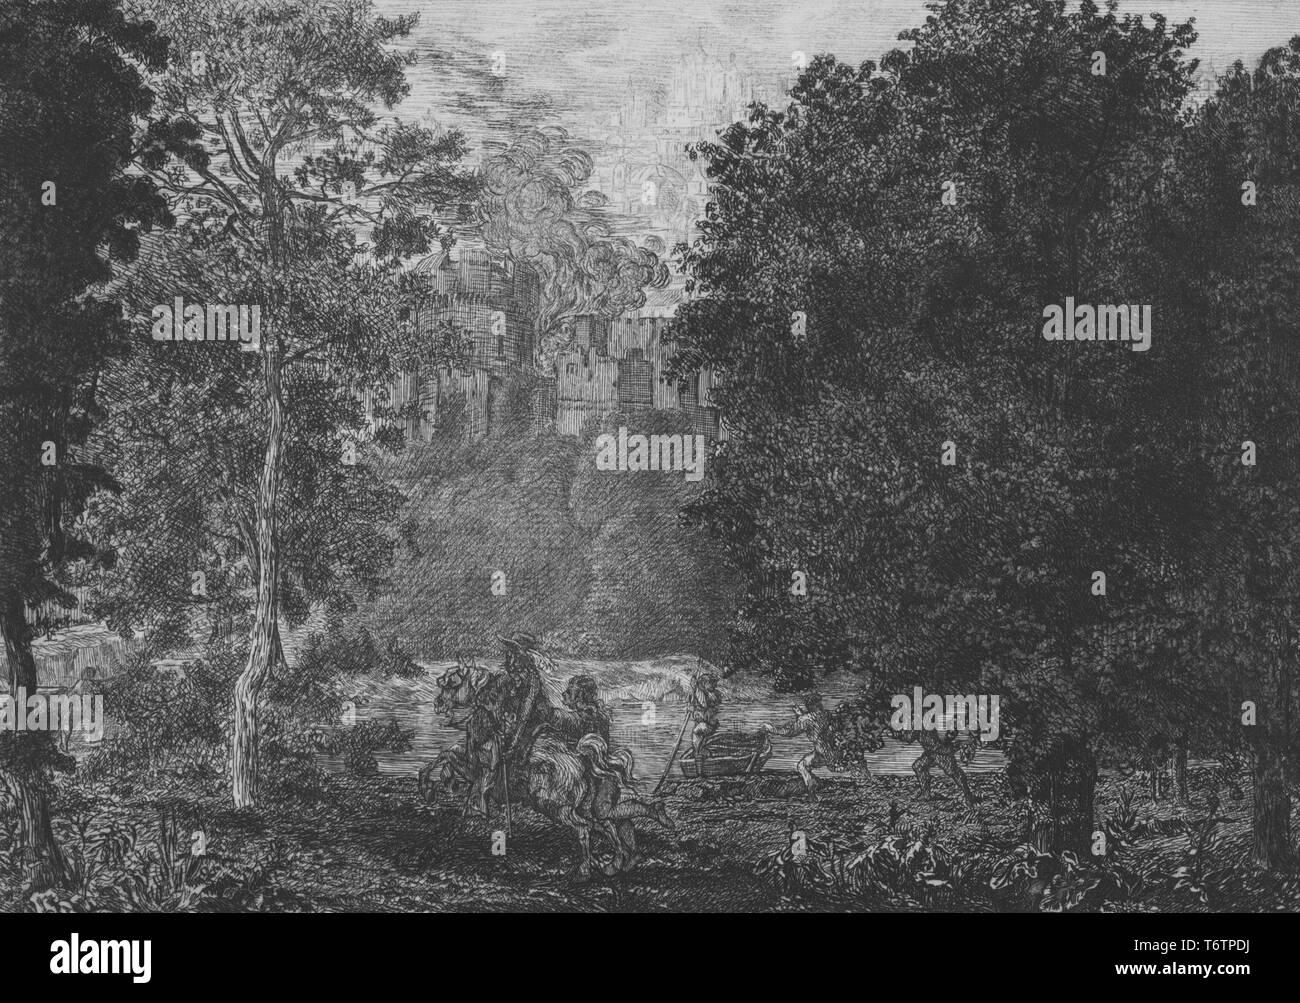 Gravure en noir et blanc, représentant une clairière le long d'une berge boisée avec plusieurs personnes se livrer à divers modes de l'activité d'urgence, y compris un homme à cheval et une personne poussant un bateau sur la rivière, avec des flammes et de la fumée s'échapper de l'article d'une ville médiévale fortifiée, visible sur la rive opposée, par l'illustrateur Félix Bracquemond, titré 'La fiamma e vicina al fuoco' (la flamme est proche de l'incendie), numérotés et signés, par l'illustrateur Félix Bracquemond, 1867. À partir de la Bibliothèque publique de New York. () Photo Stock